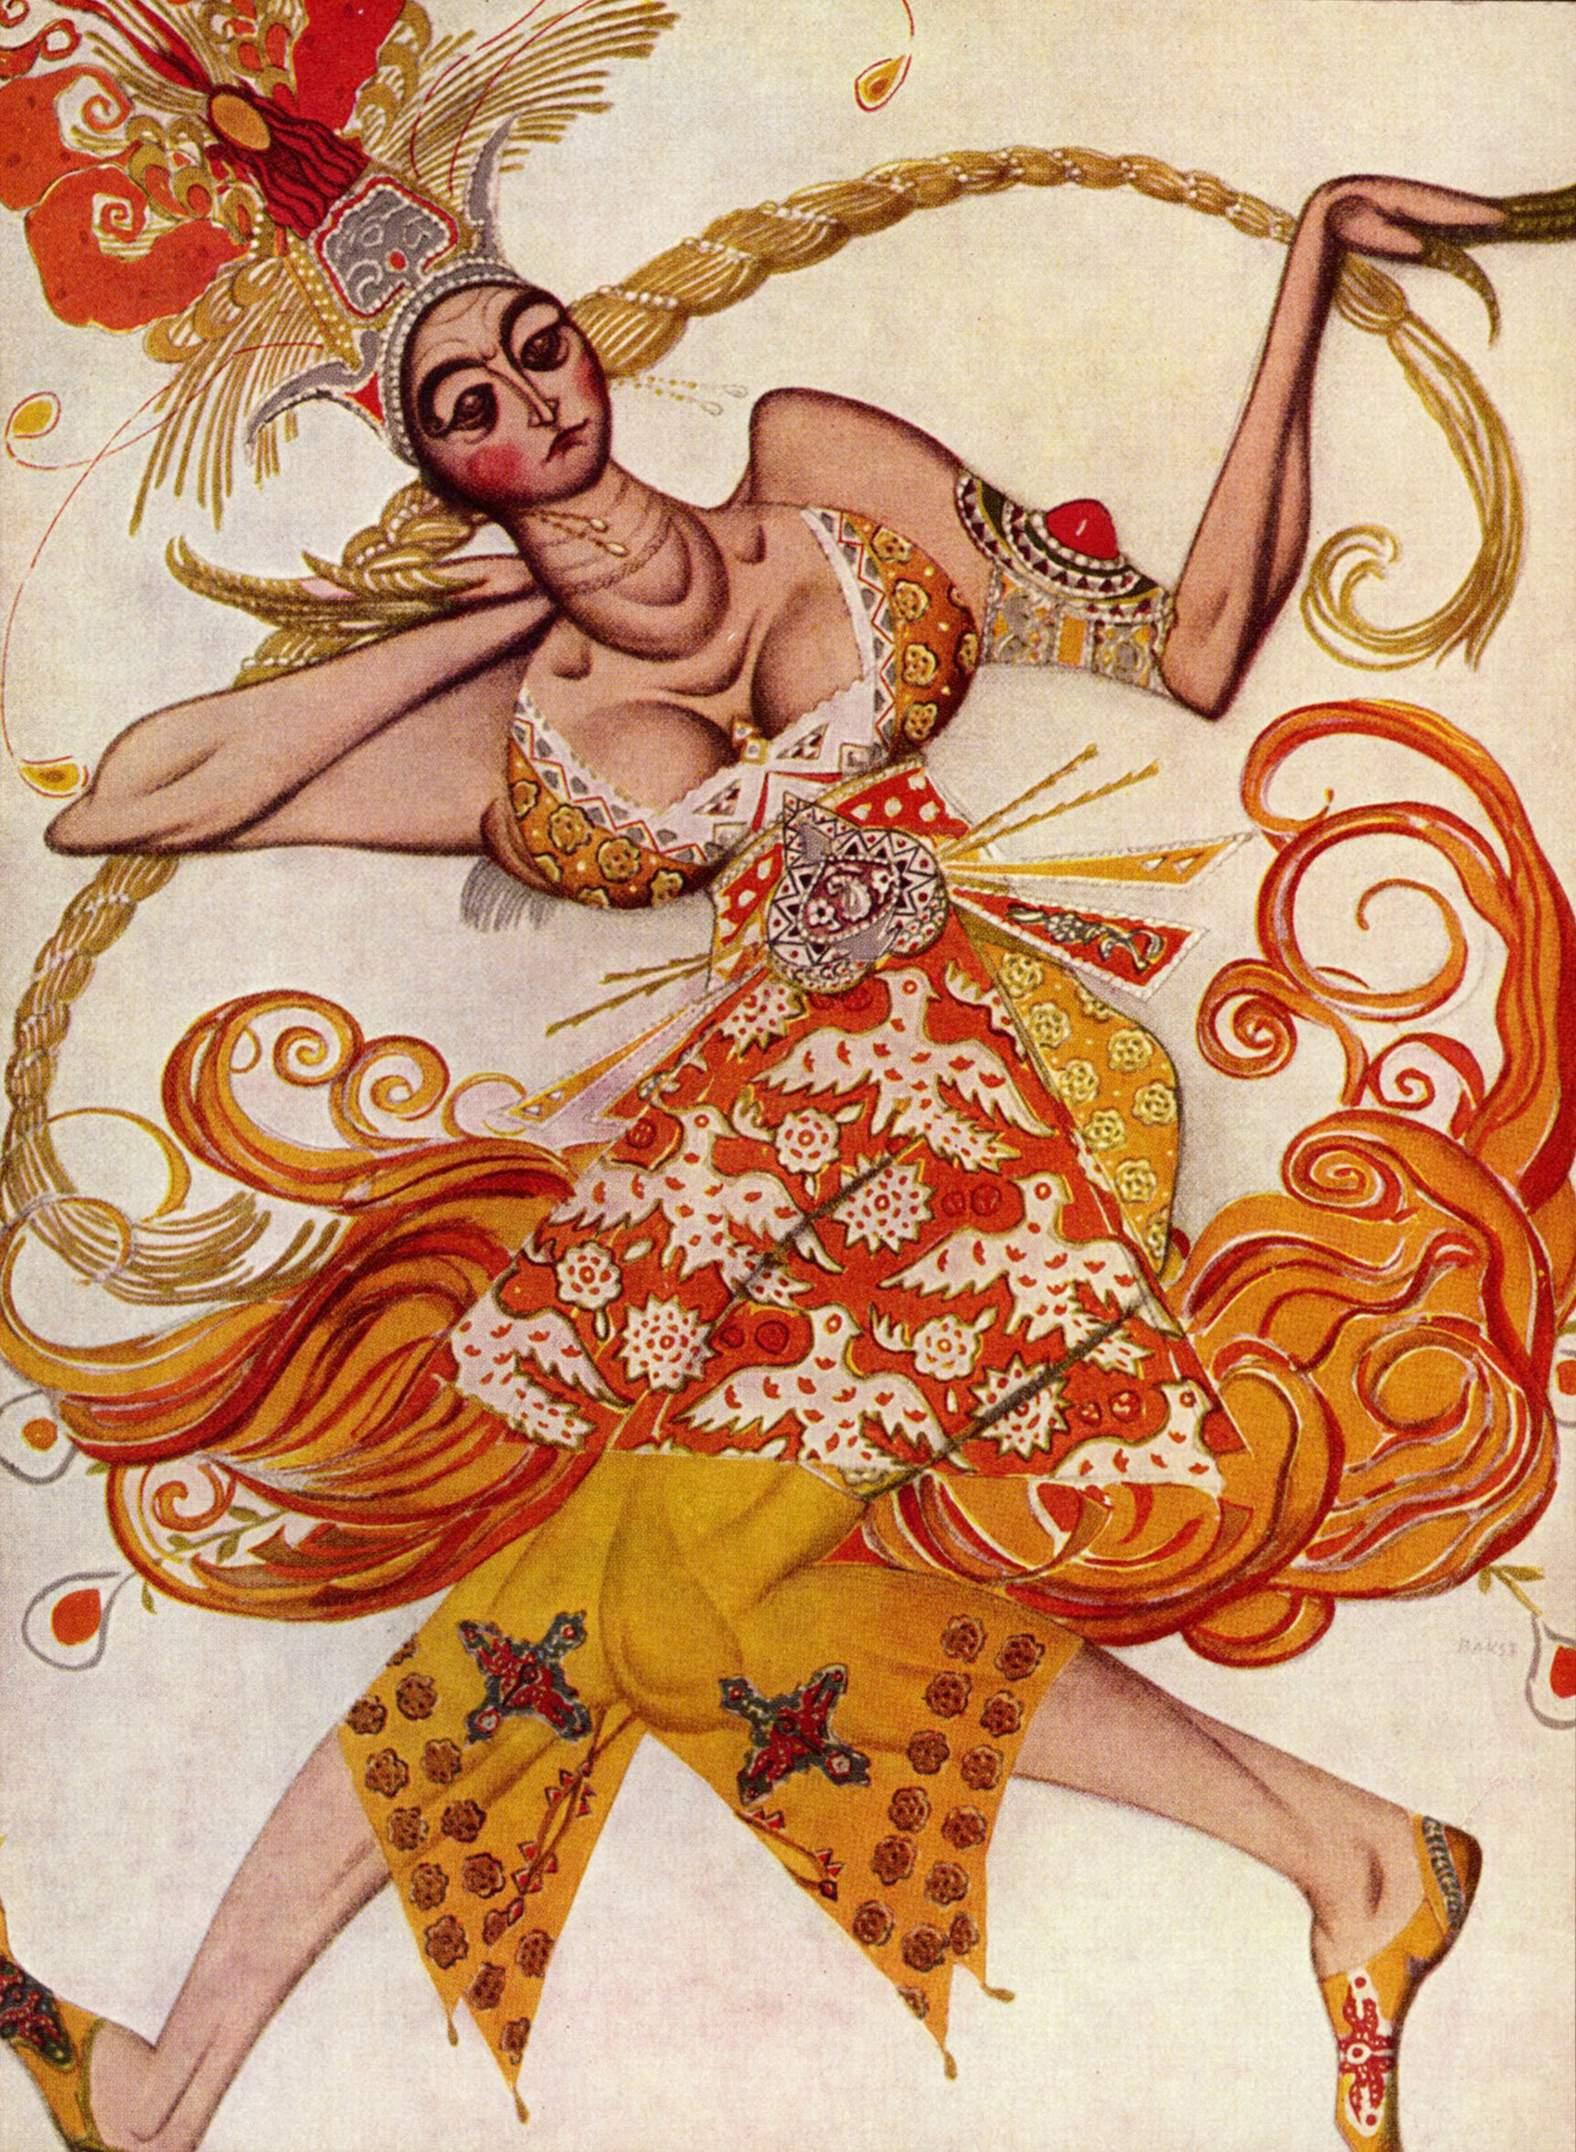 バレエ『火の鳥』(1910)のコスチューム=